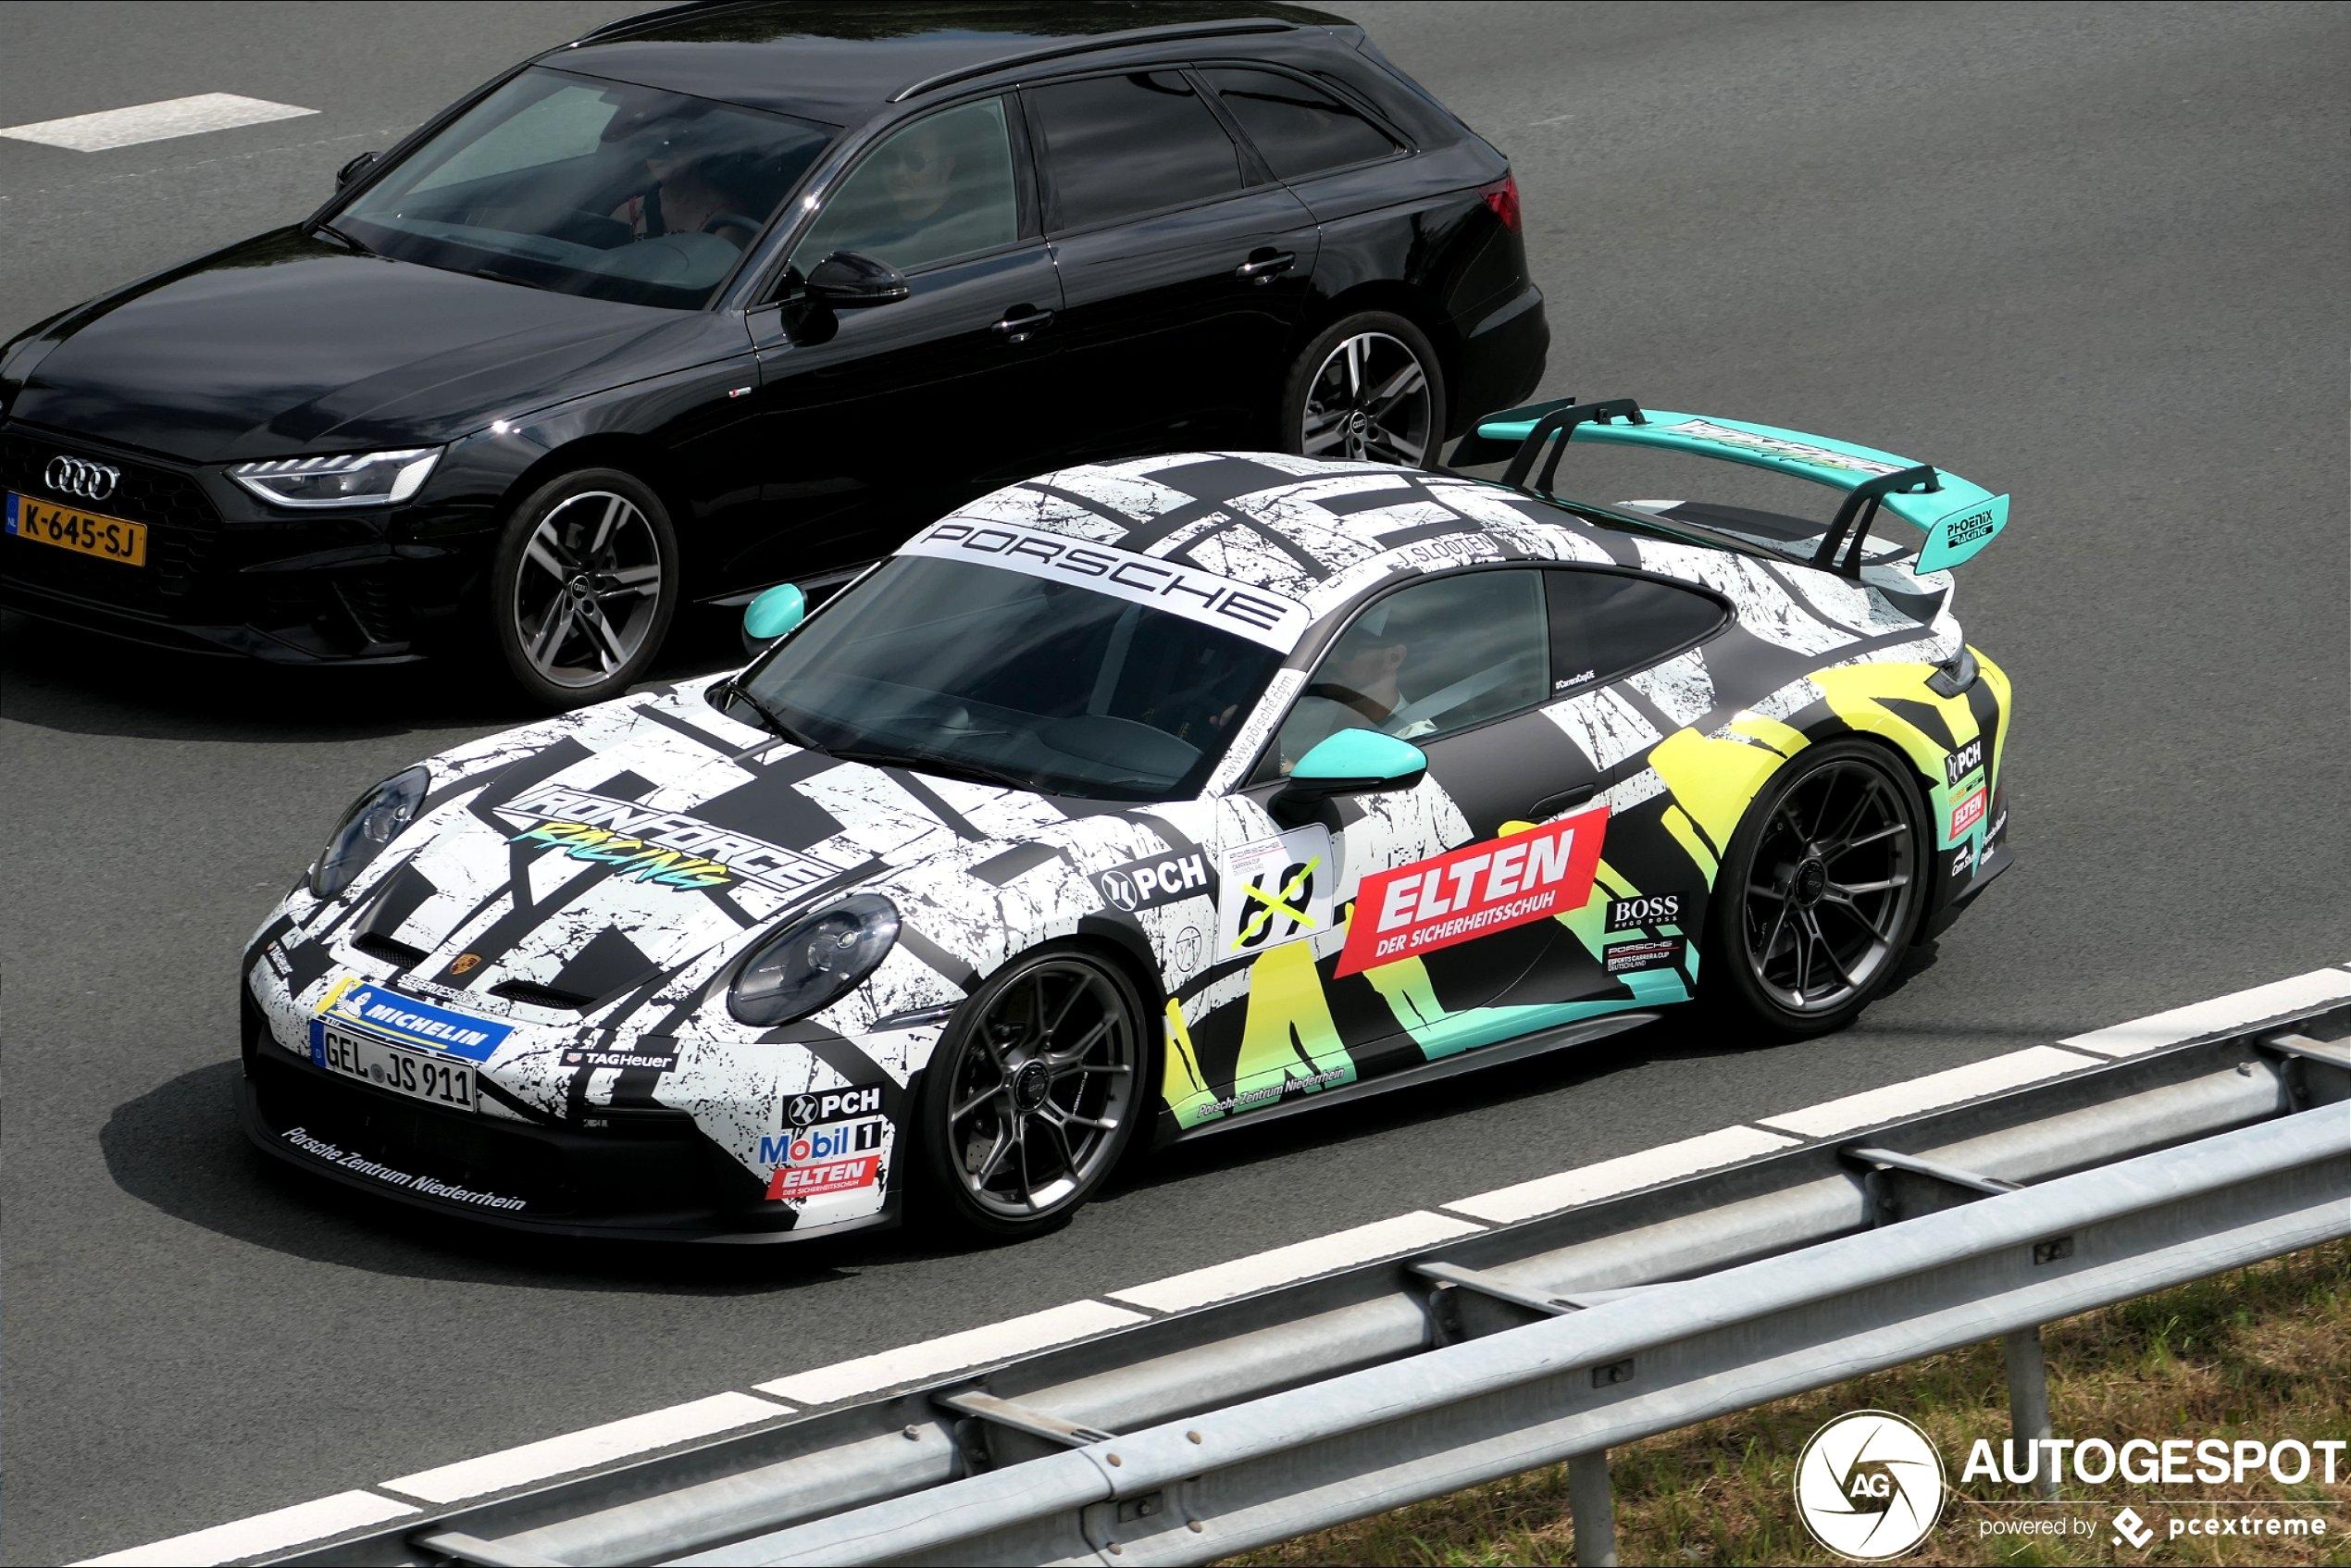 Het gaat ziedend hard met de Porsche 992 GT3